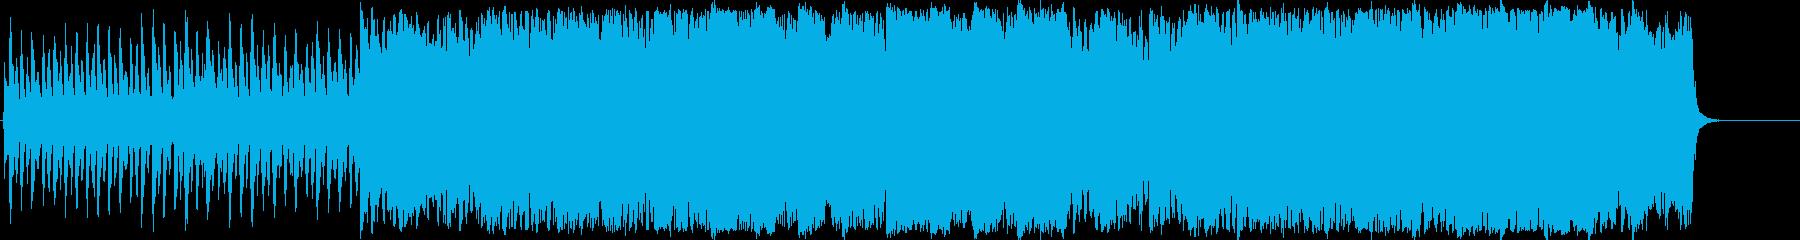 映像やCM向けオーケストラ曲の再生済みの波形